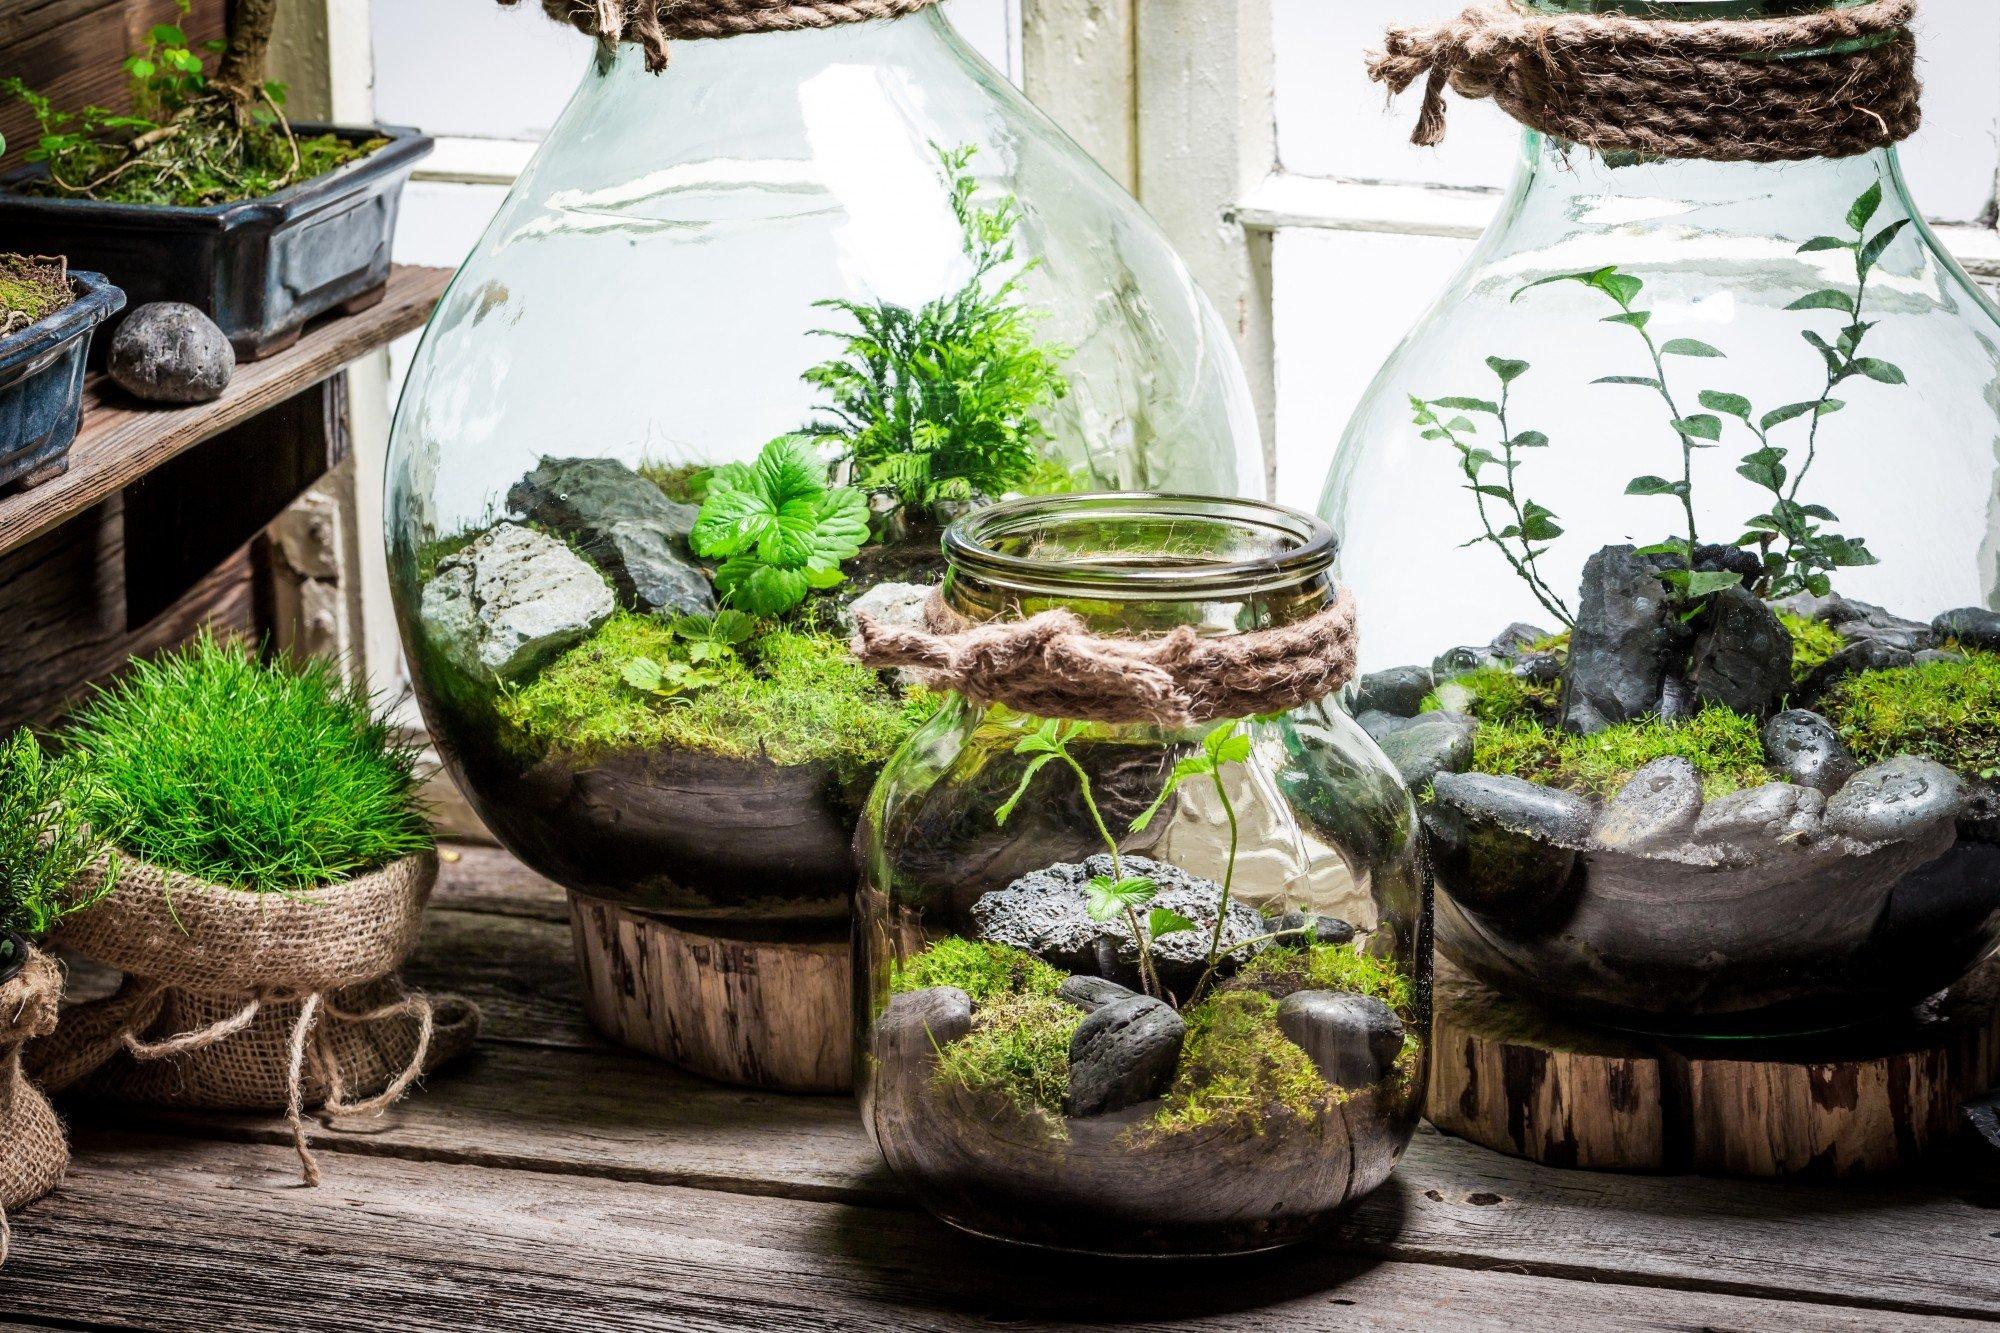 Comment Faire Un Terrarium Plante Grasse comment créer son propre terrarium ?